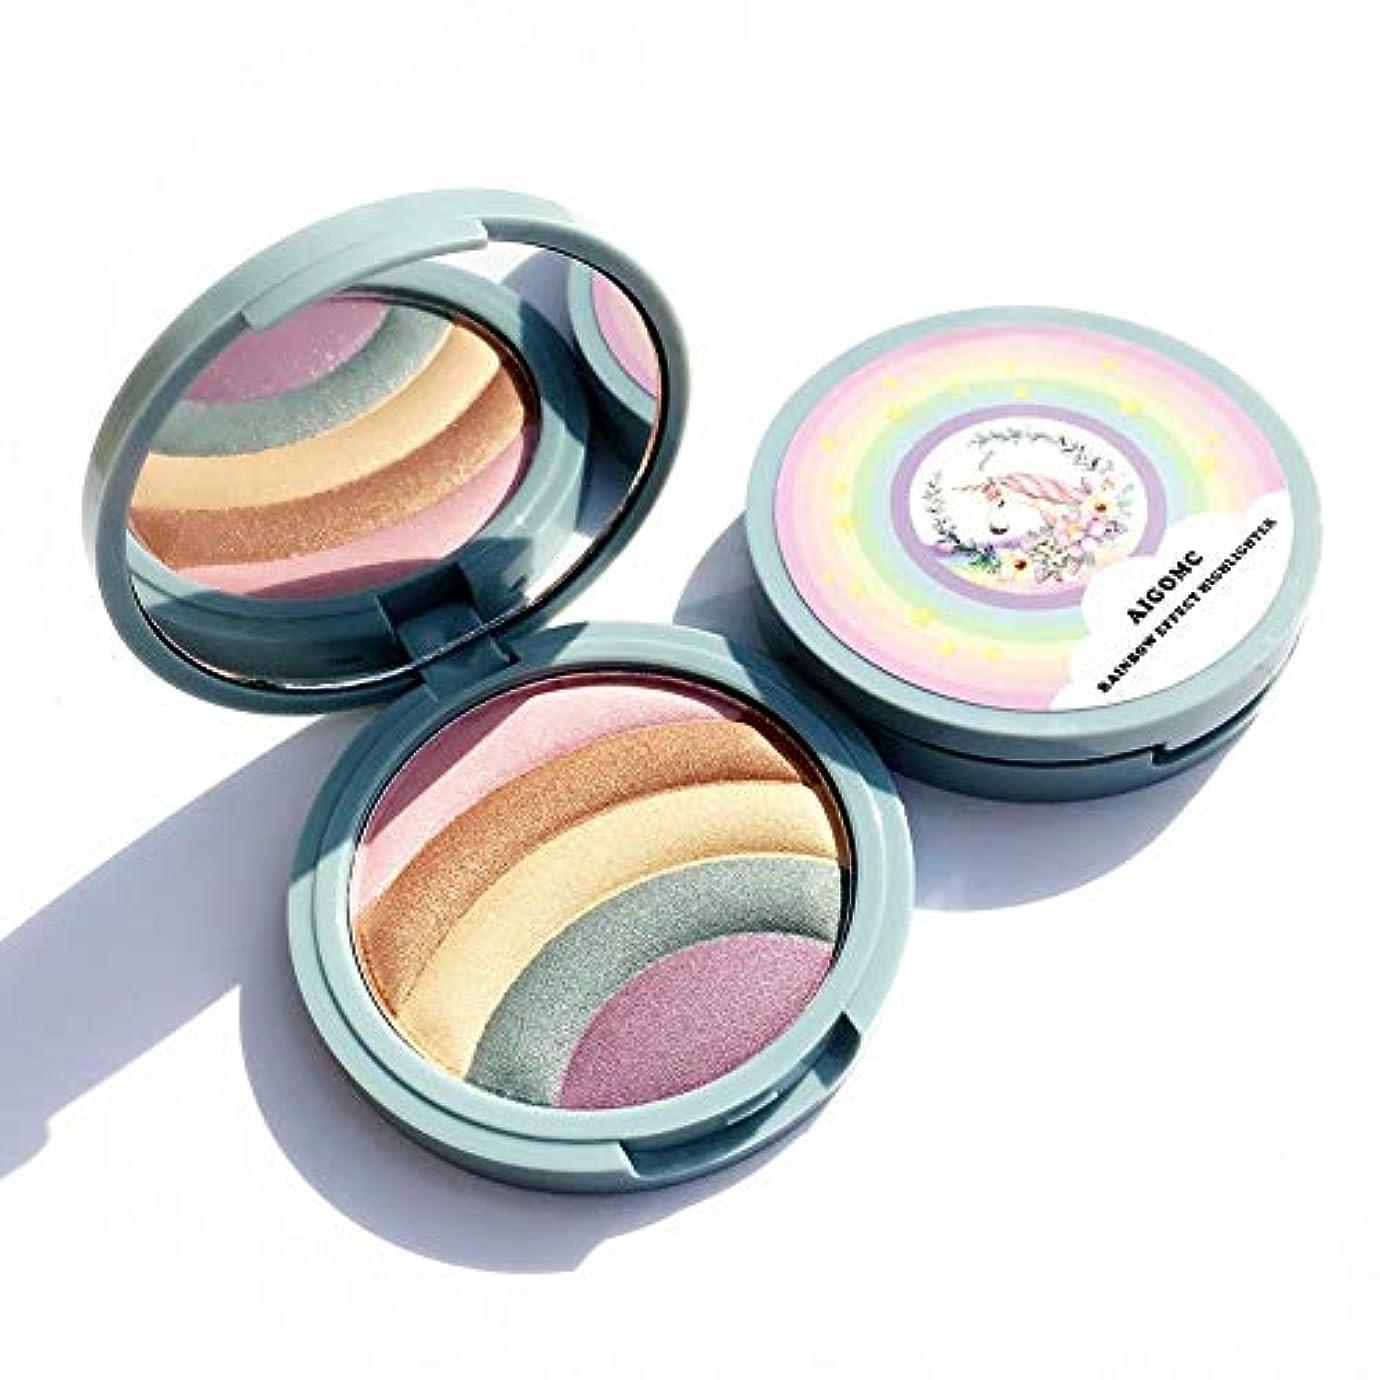 ヒロイックいとこ民間人Brill(ブリーオ)最高のプロアイシャドウマットパレットメイクアイシャドウプロフェッショナル完璧なファイル暖かいナチュラルニュートラルスモーキーパレットアイメイクアップシルキーパウダー化粧品5色